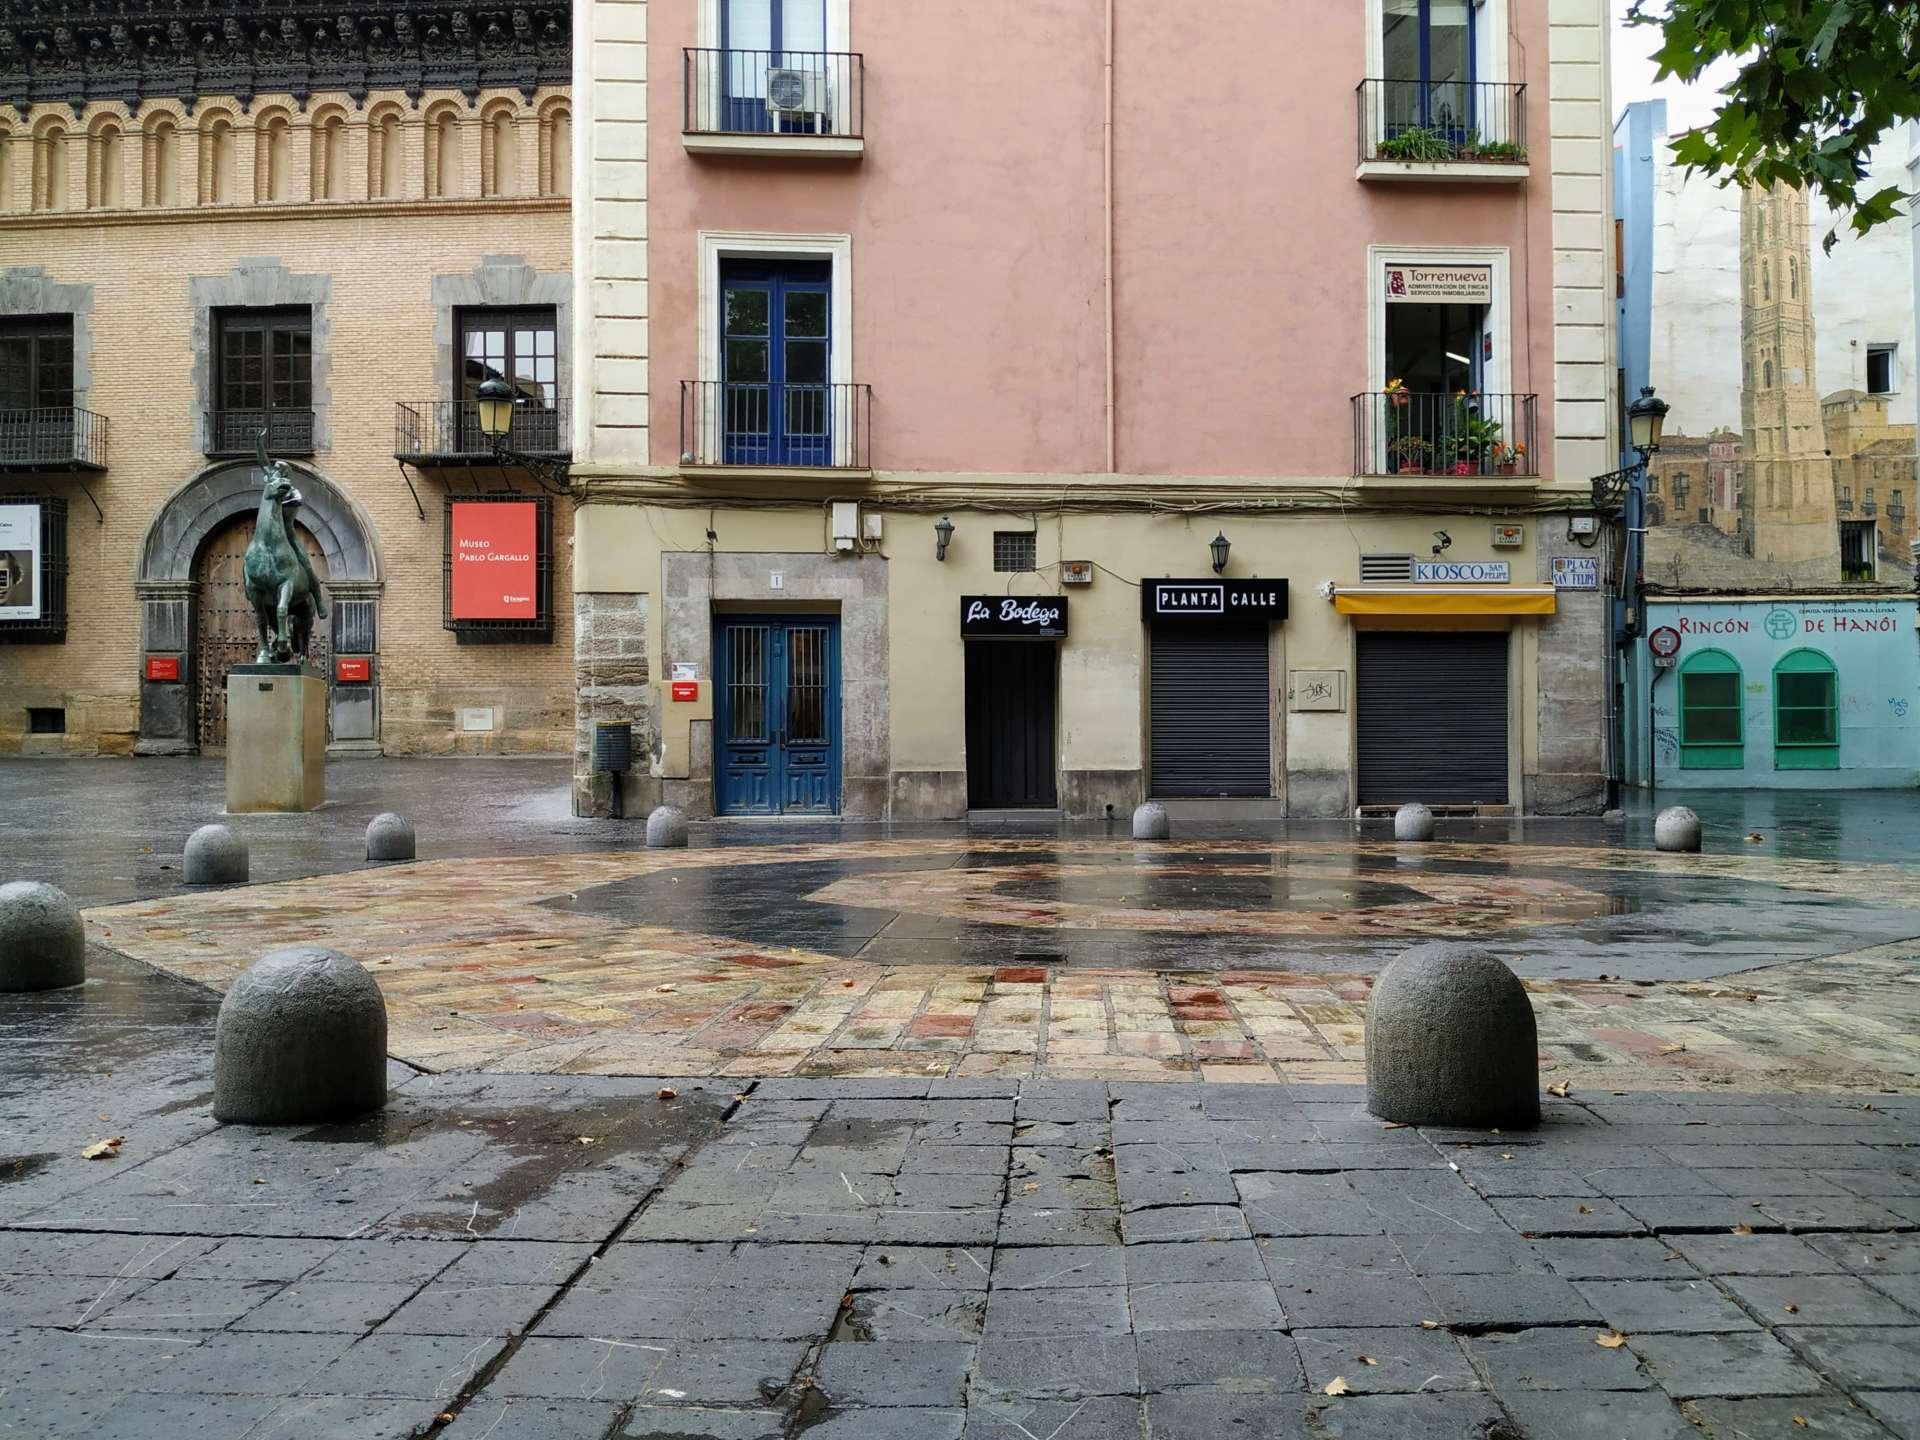 Base octogonal de la lo que fue la torre de la Plaza San Felipe junto con el Museo Pablo Gargallo a la izquierda y el mural de la torre a la derecha